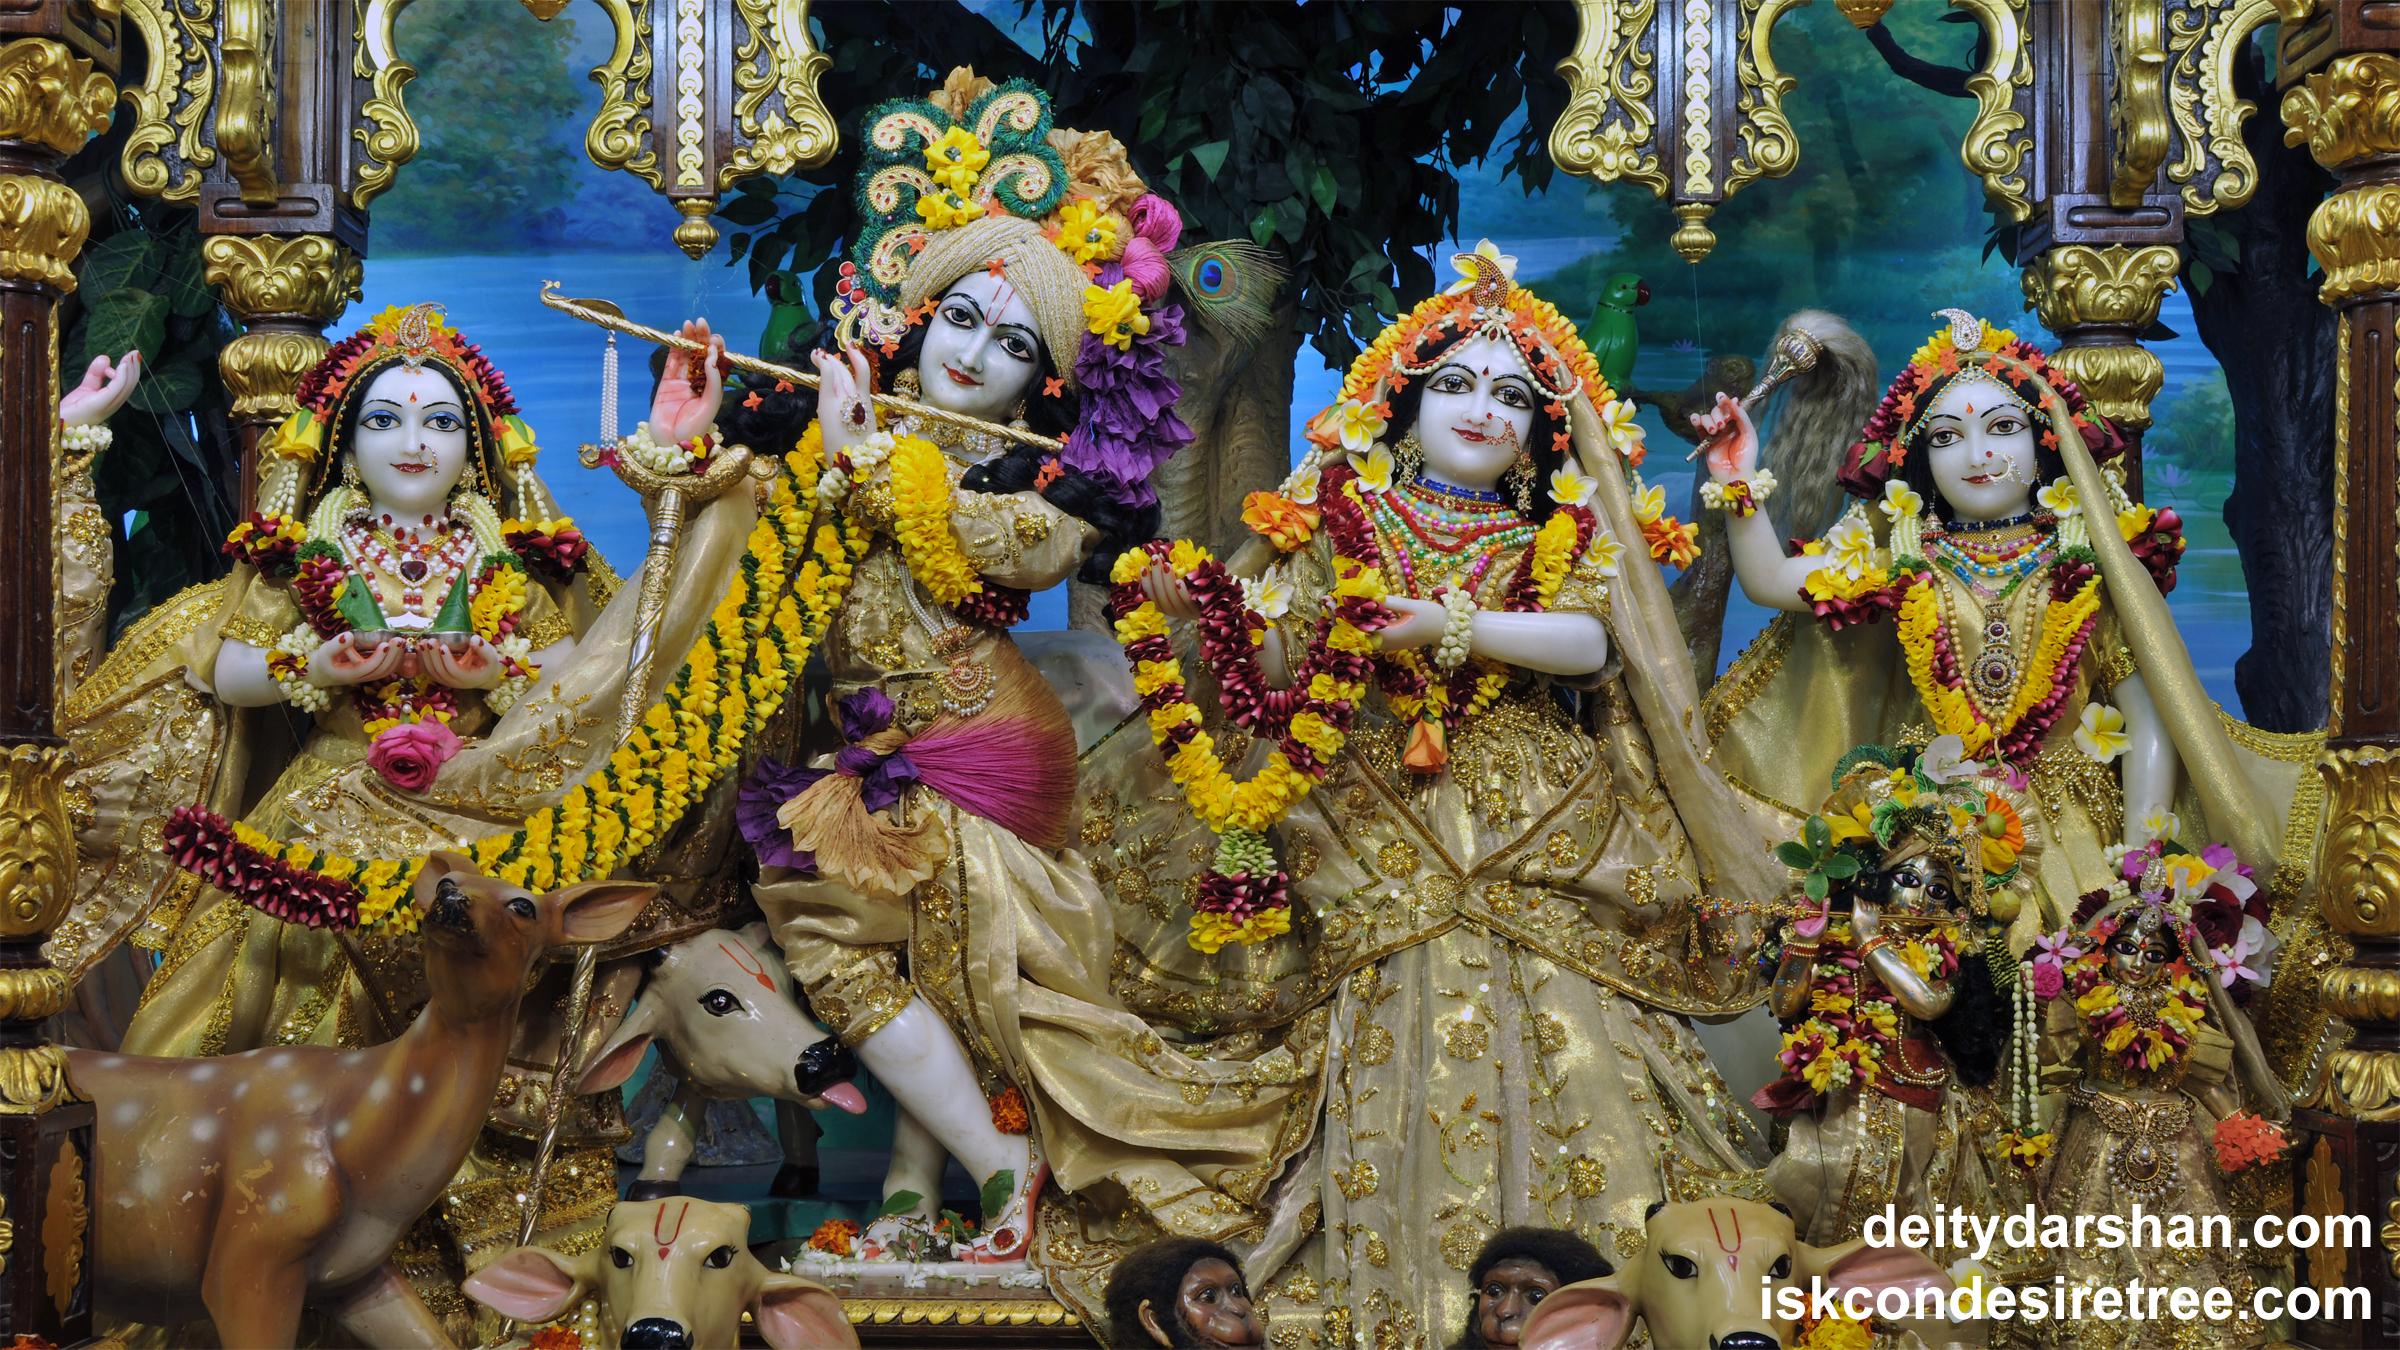 Sri Sri Radha Gopinath Lalita Vishakha Wallpaper (053) Size 2400x1350 Download